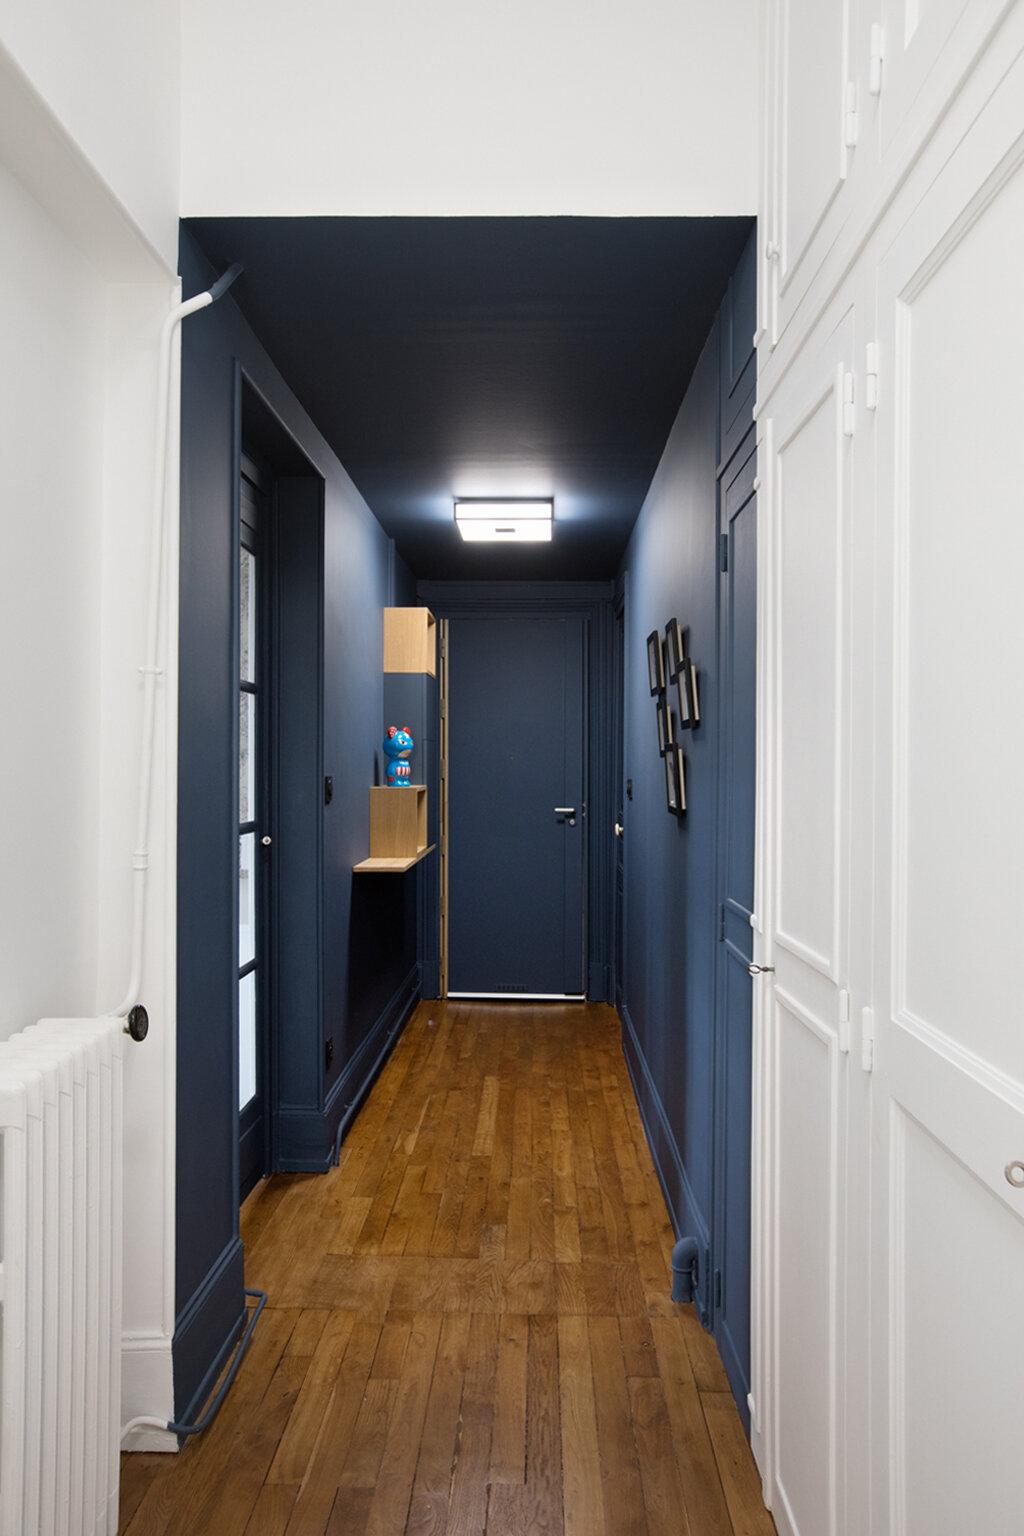 ilaria fatone - un couloir en bleu